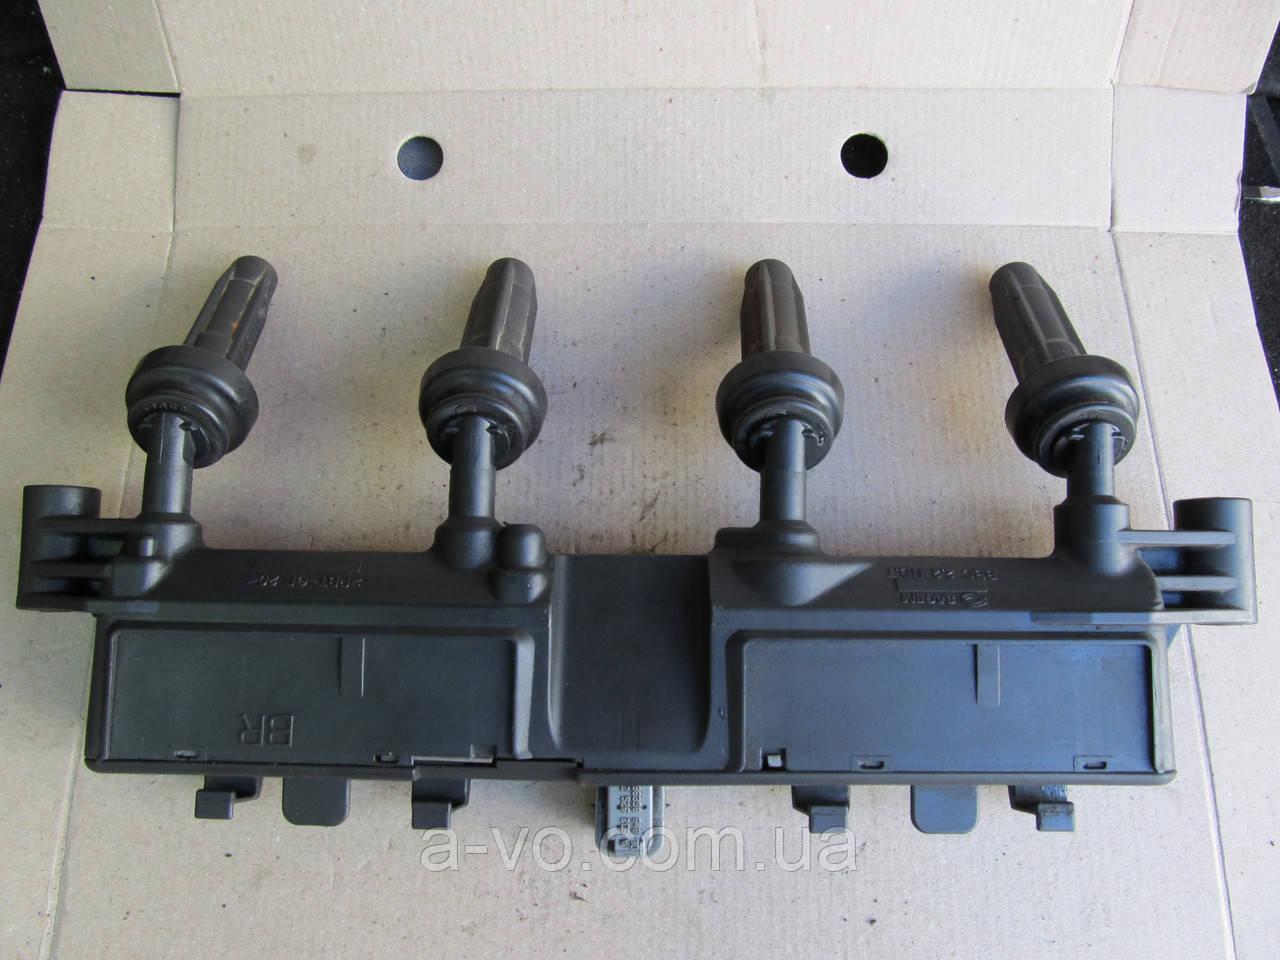 Катушка зажигания Citroen C2 C3 Berlingo Saxo Peugeot 206 Pertner 306 1007 1.1 1.4 1.6 9635864880, 2526208A